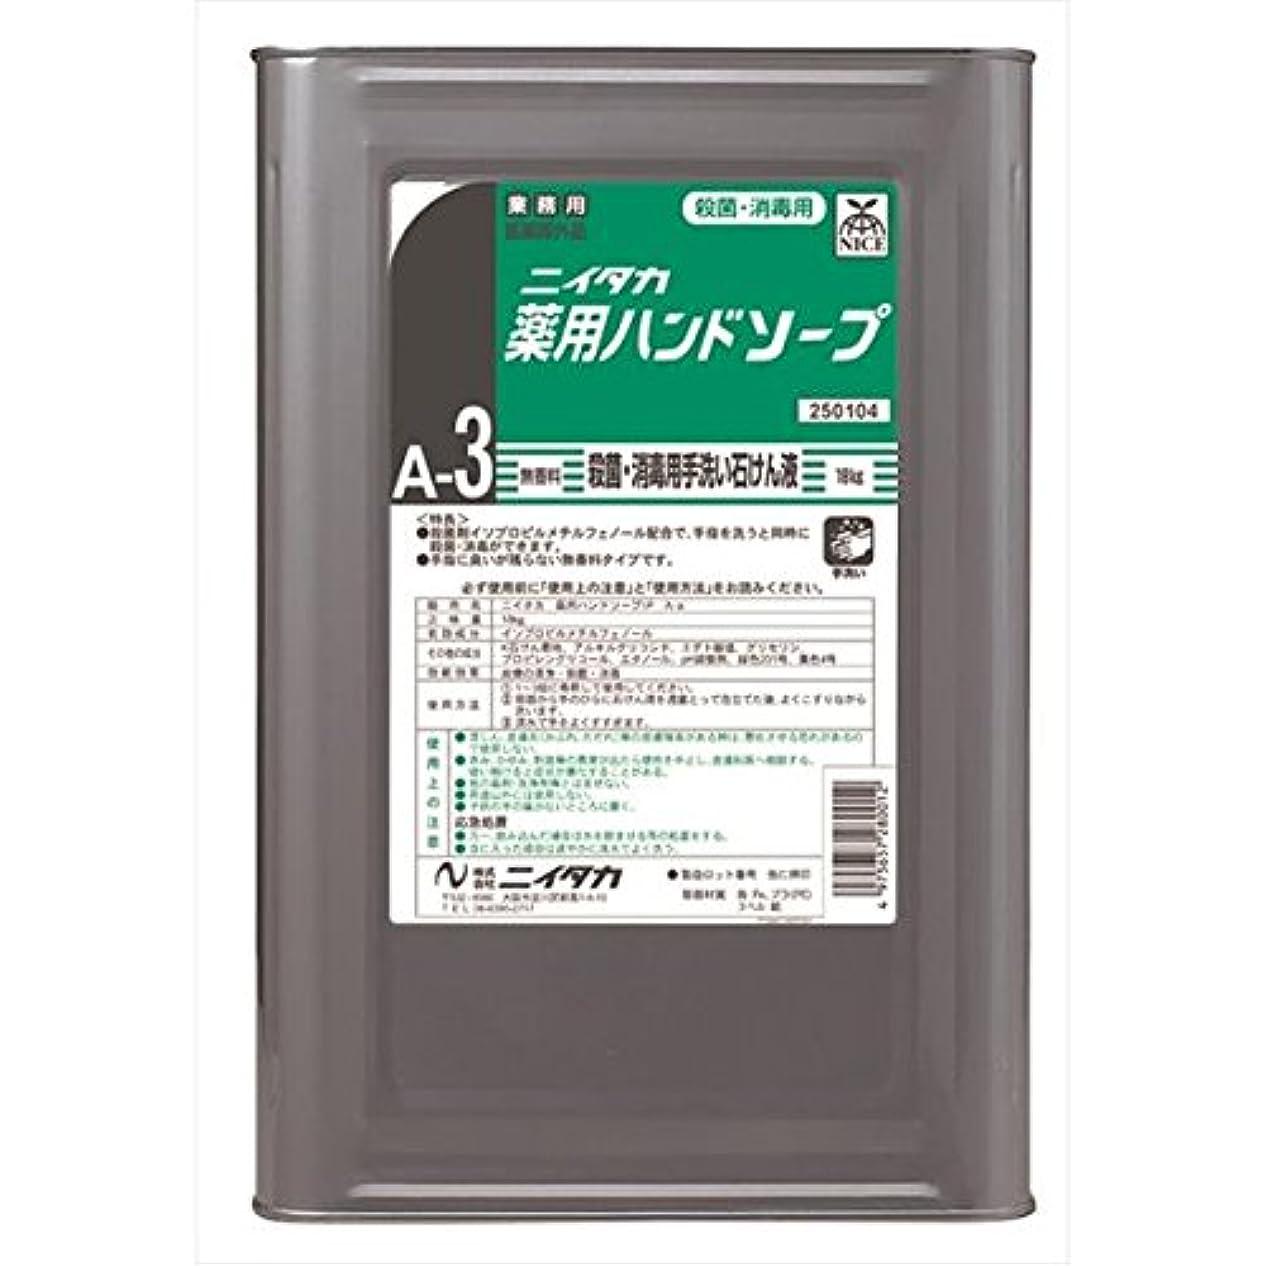 故障中シチリアアパルニイタカ:薬用ハンドソープ(A-3) 18kg 250104